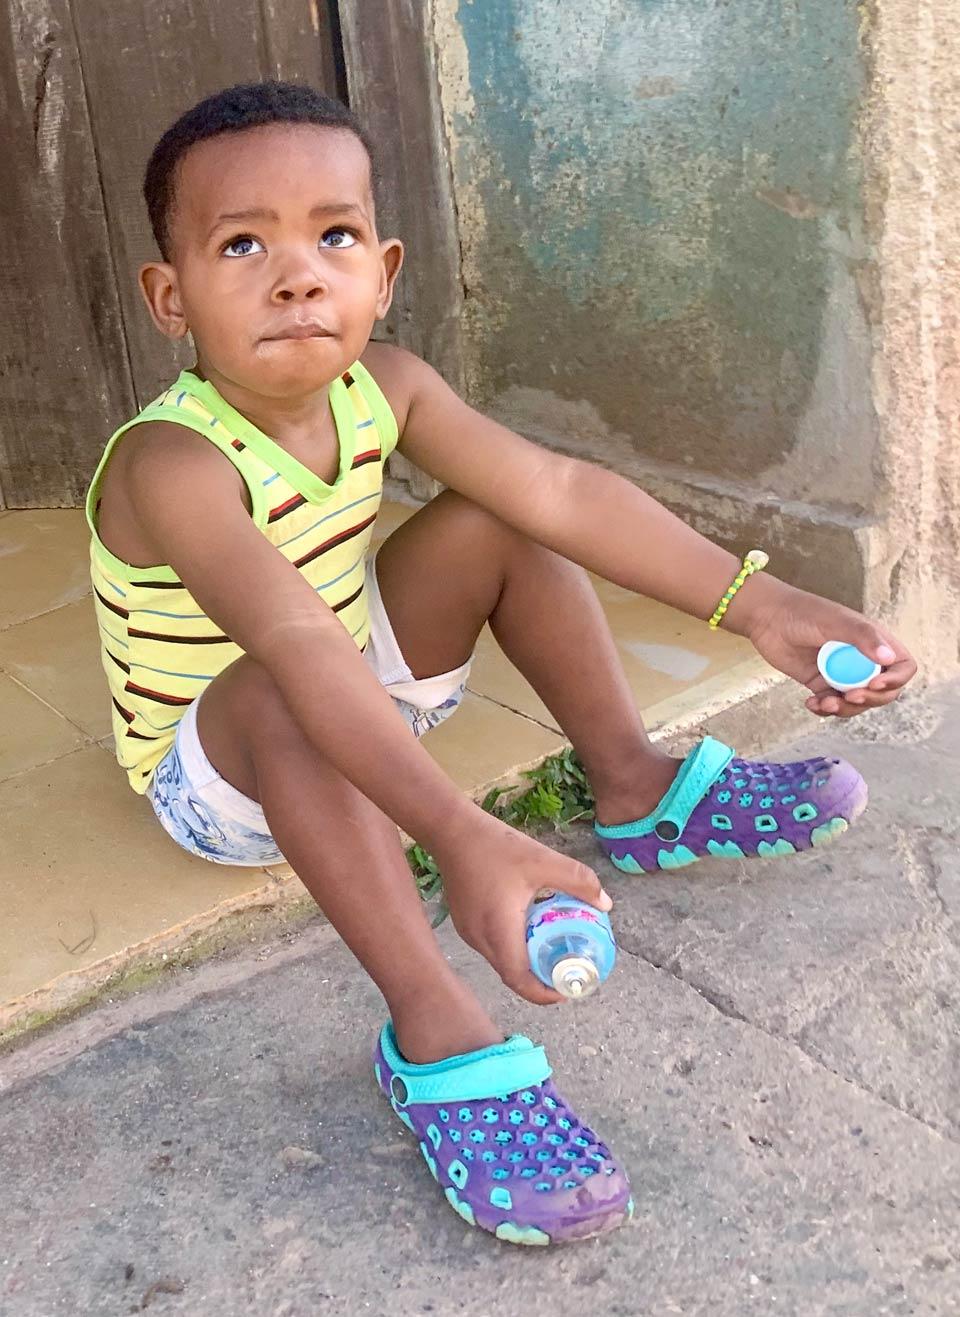 A handsome boy in Trinidad.